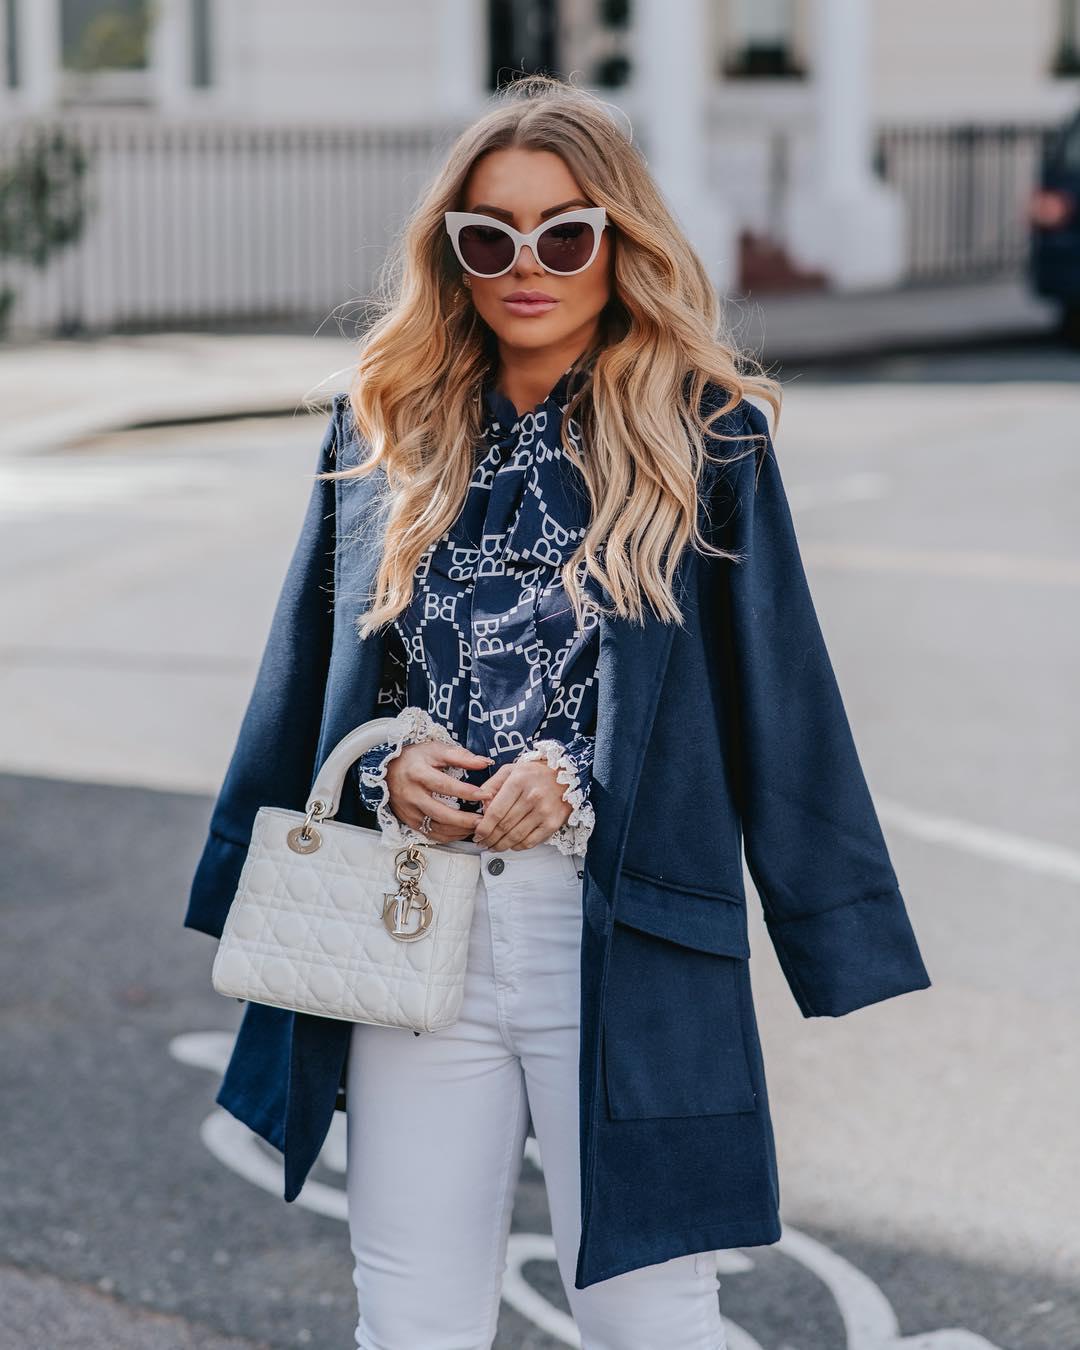 модные образы для деловых женщин осени 2019 фото 16